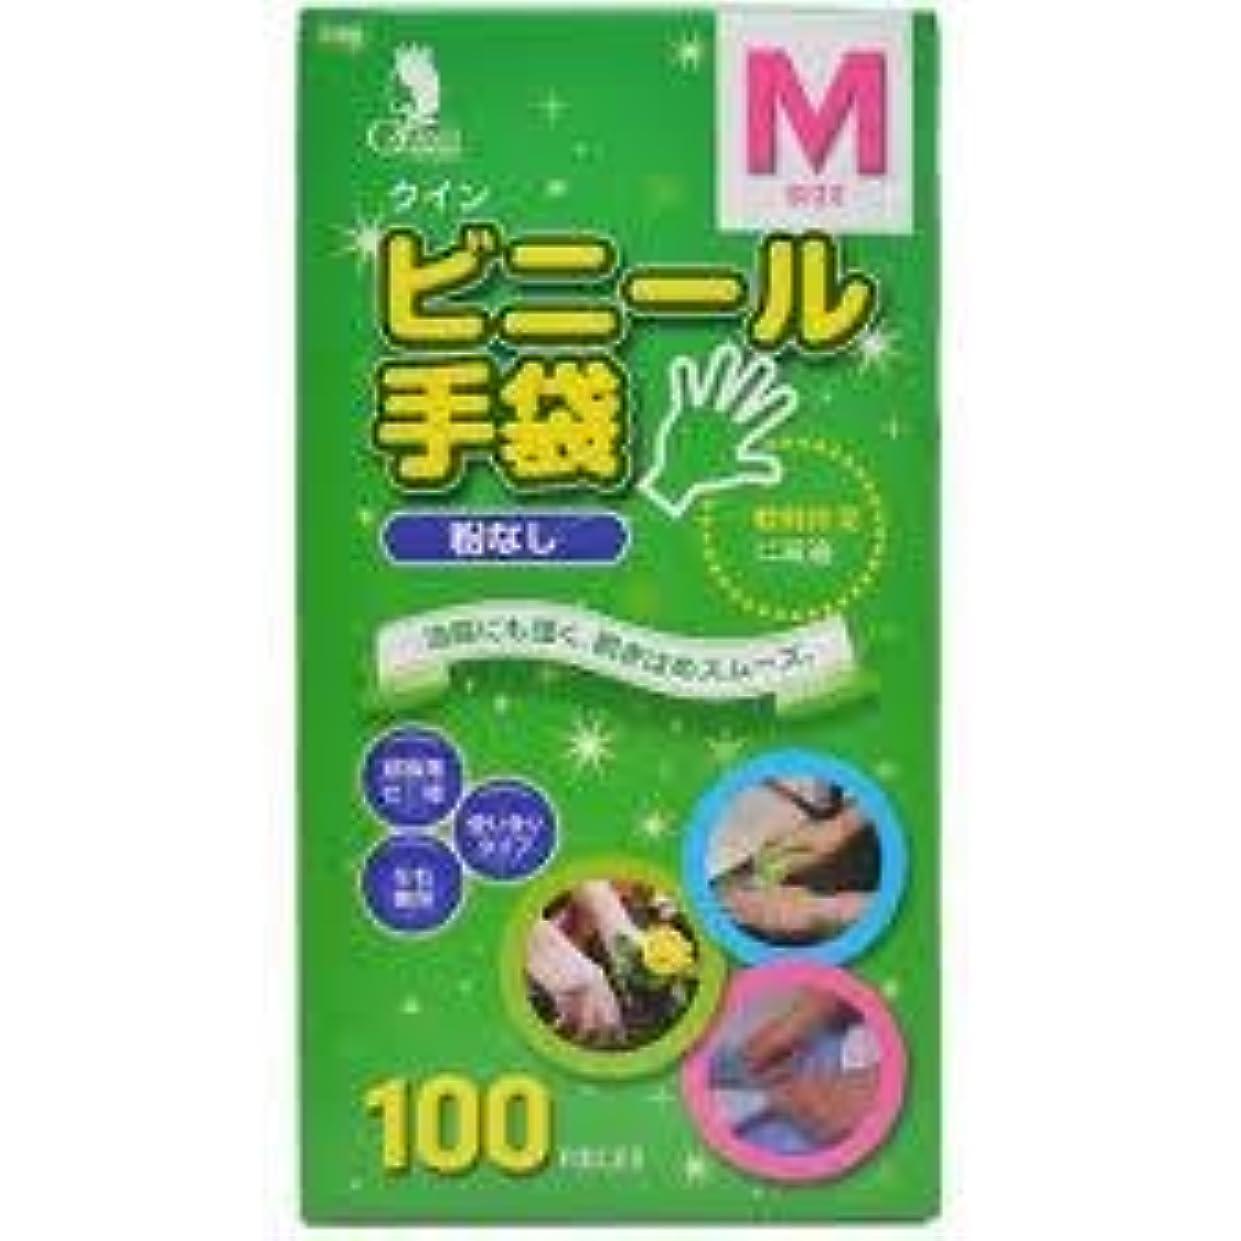 価値投票スキャンダル宇都宮製作 クイン ビニール手袋(パウダーフリー) M100枚×20点セット (4976366006931)